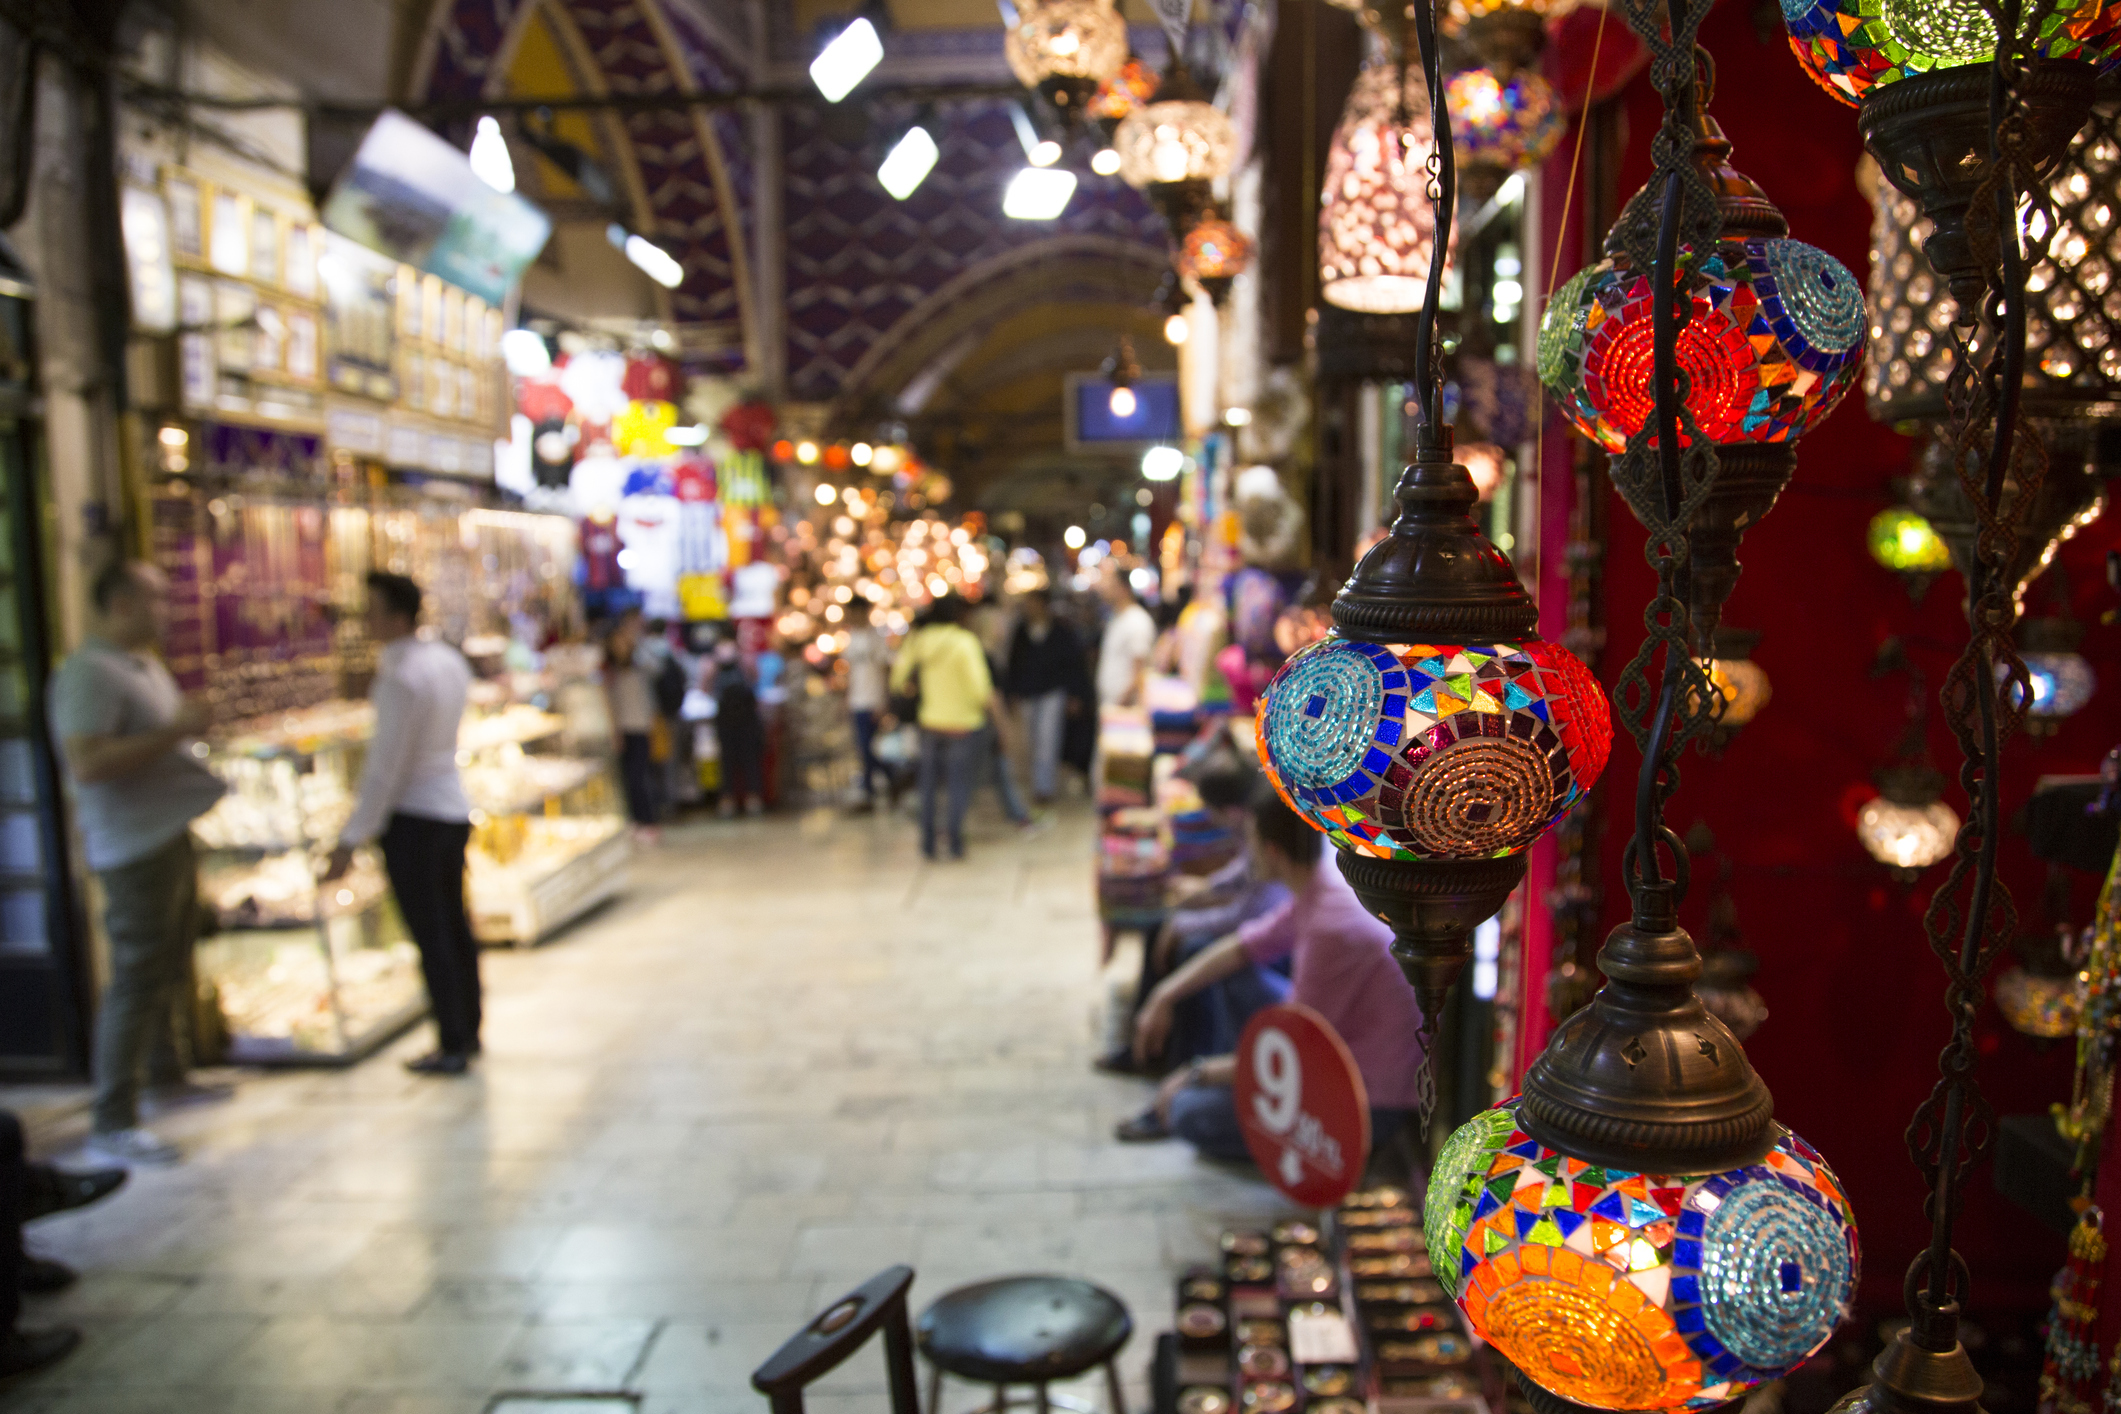 Getting Lost In Istanbul's Grand Bazaar (Kapalıçarşı) -